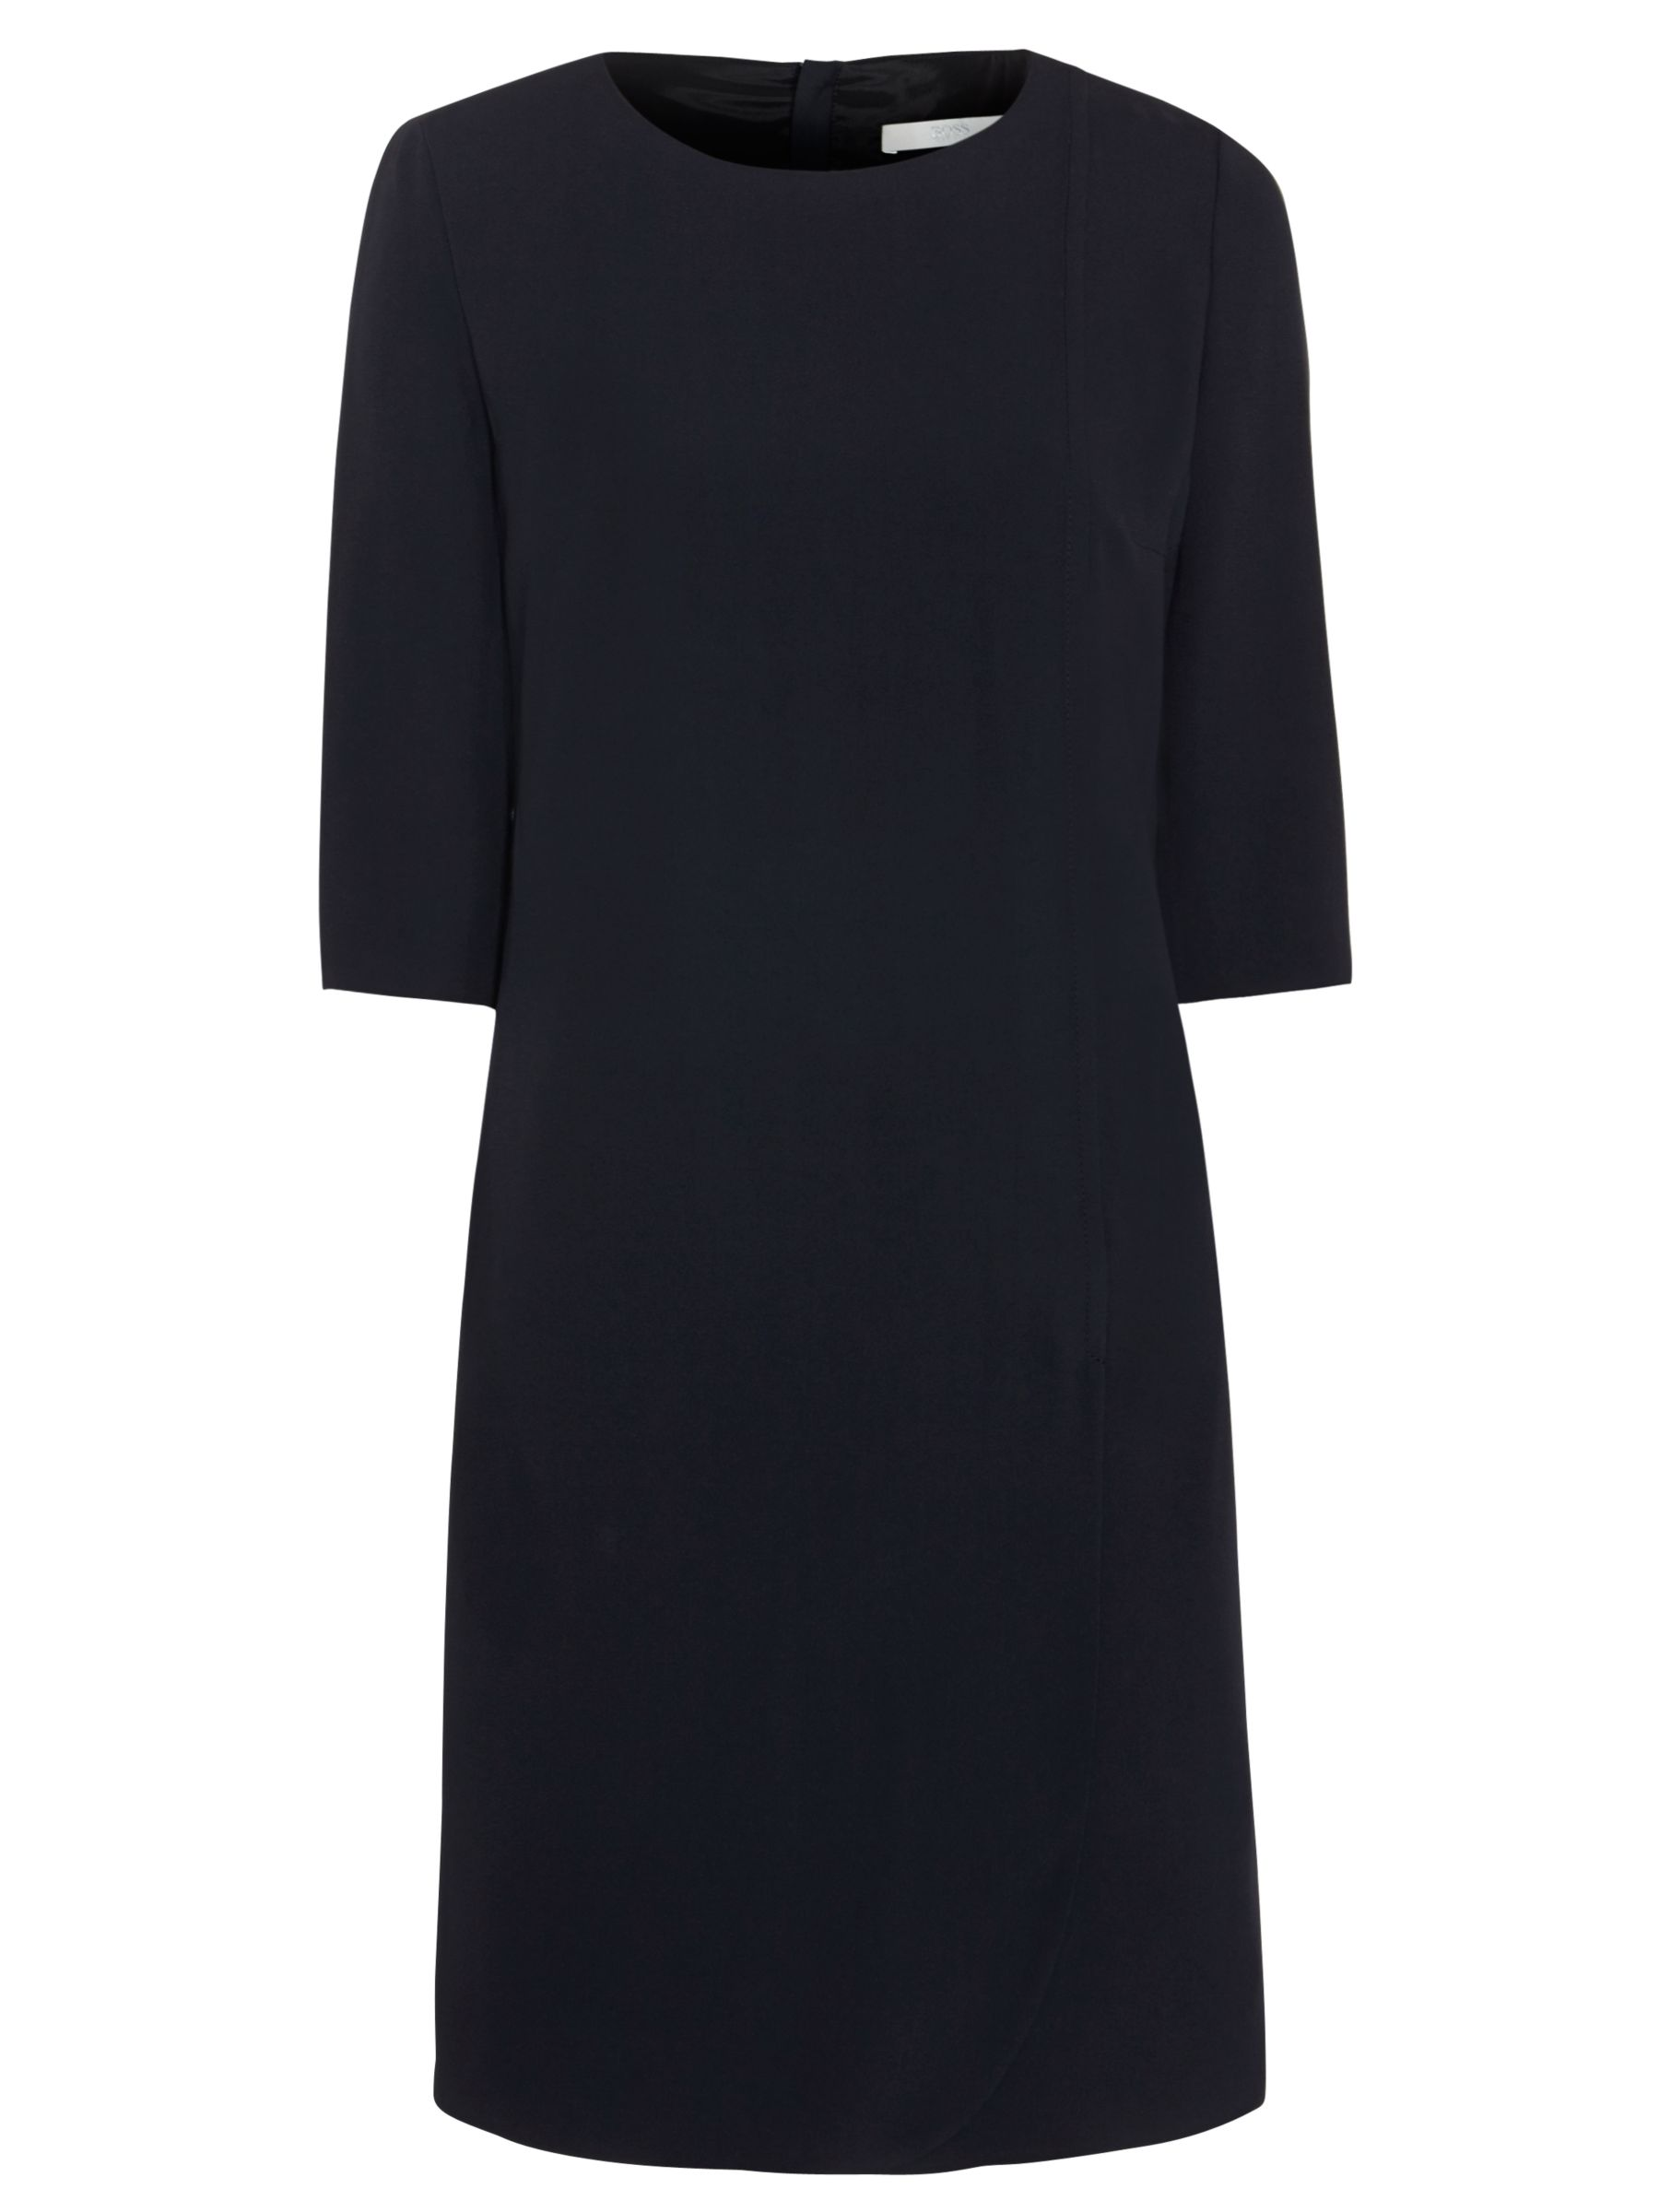 boss dress open blue, boss, dress, open, blue, 8|14|12|10, women, womens dresses, men, womenswear, 1931966